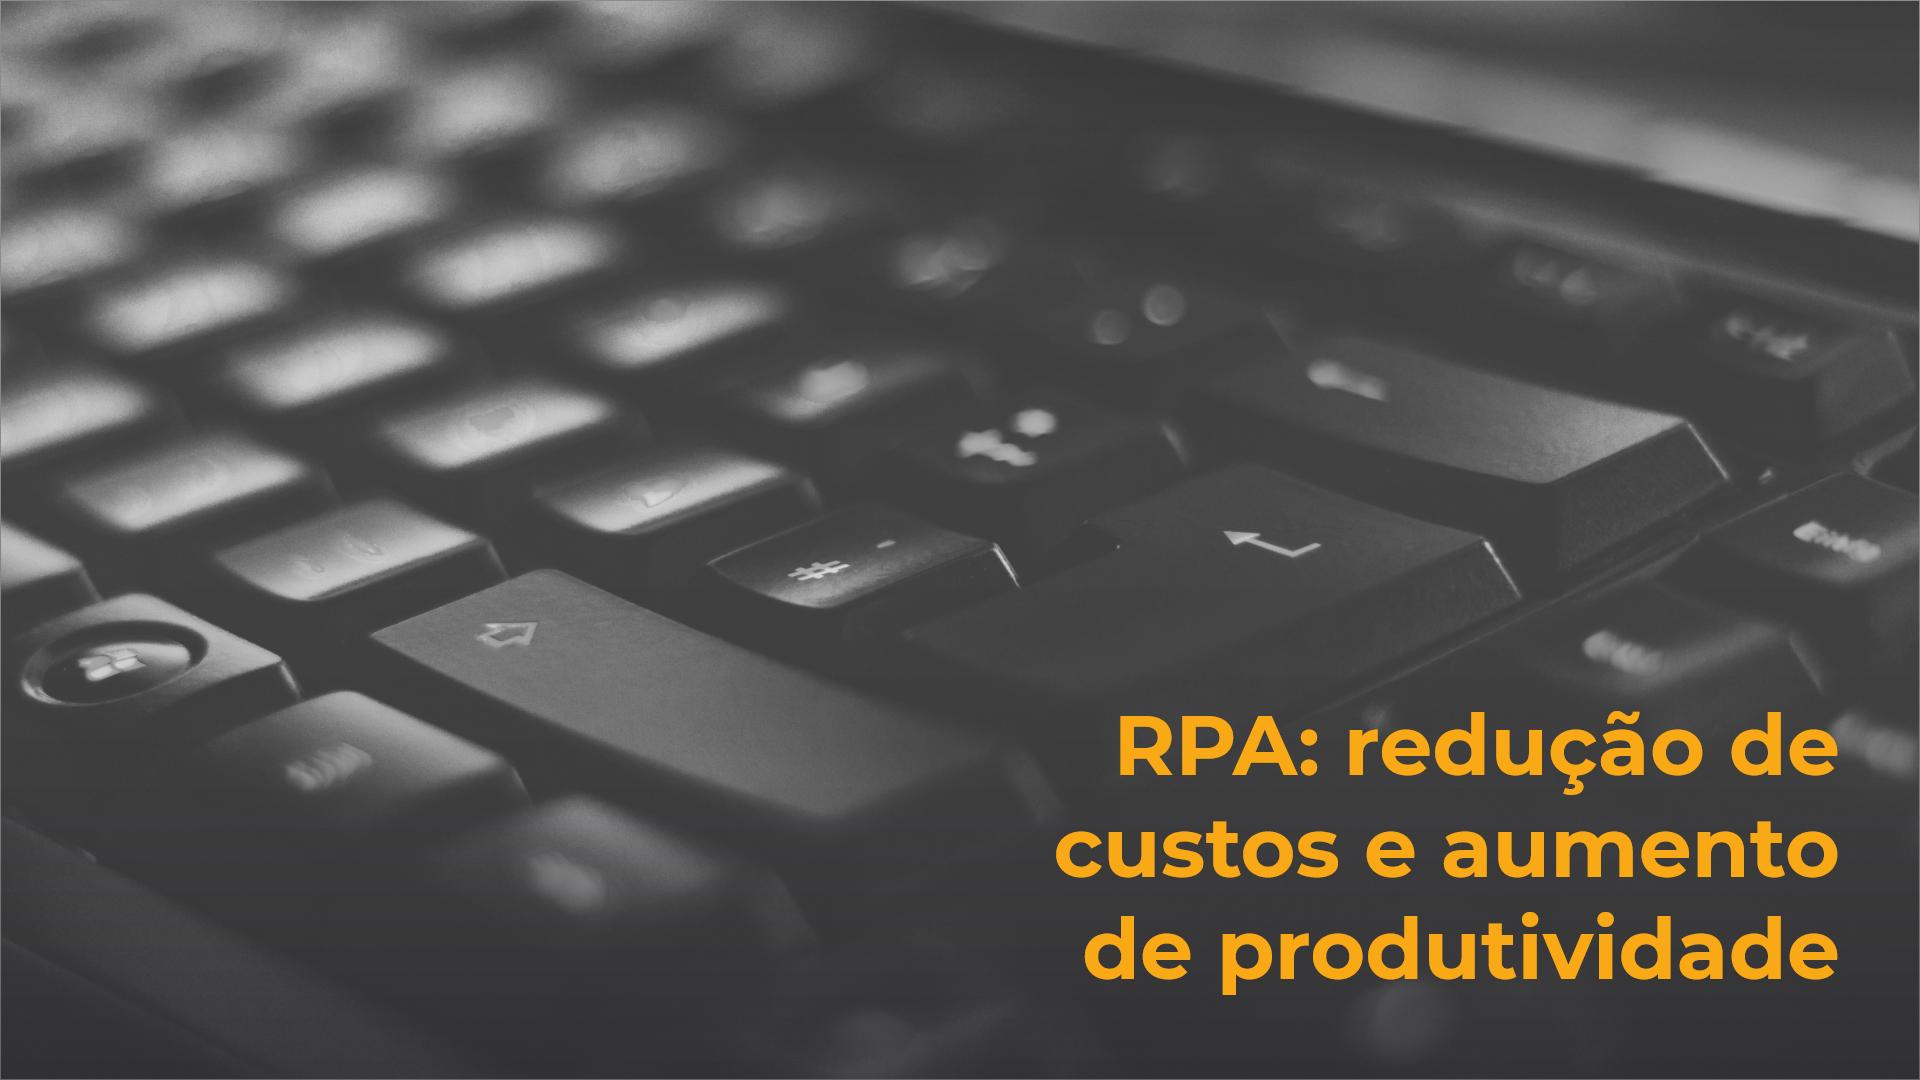 """Imagem de destaque do post com um teclado de computador no background e o texto """"RPA: redução de custos e aumento de produtividade"""""""